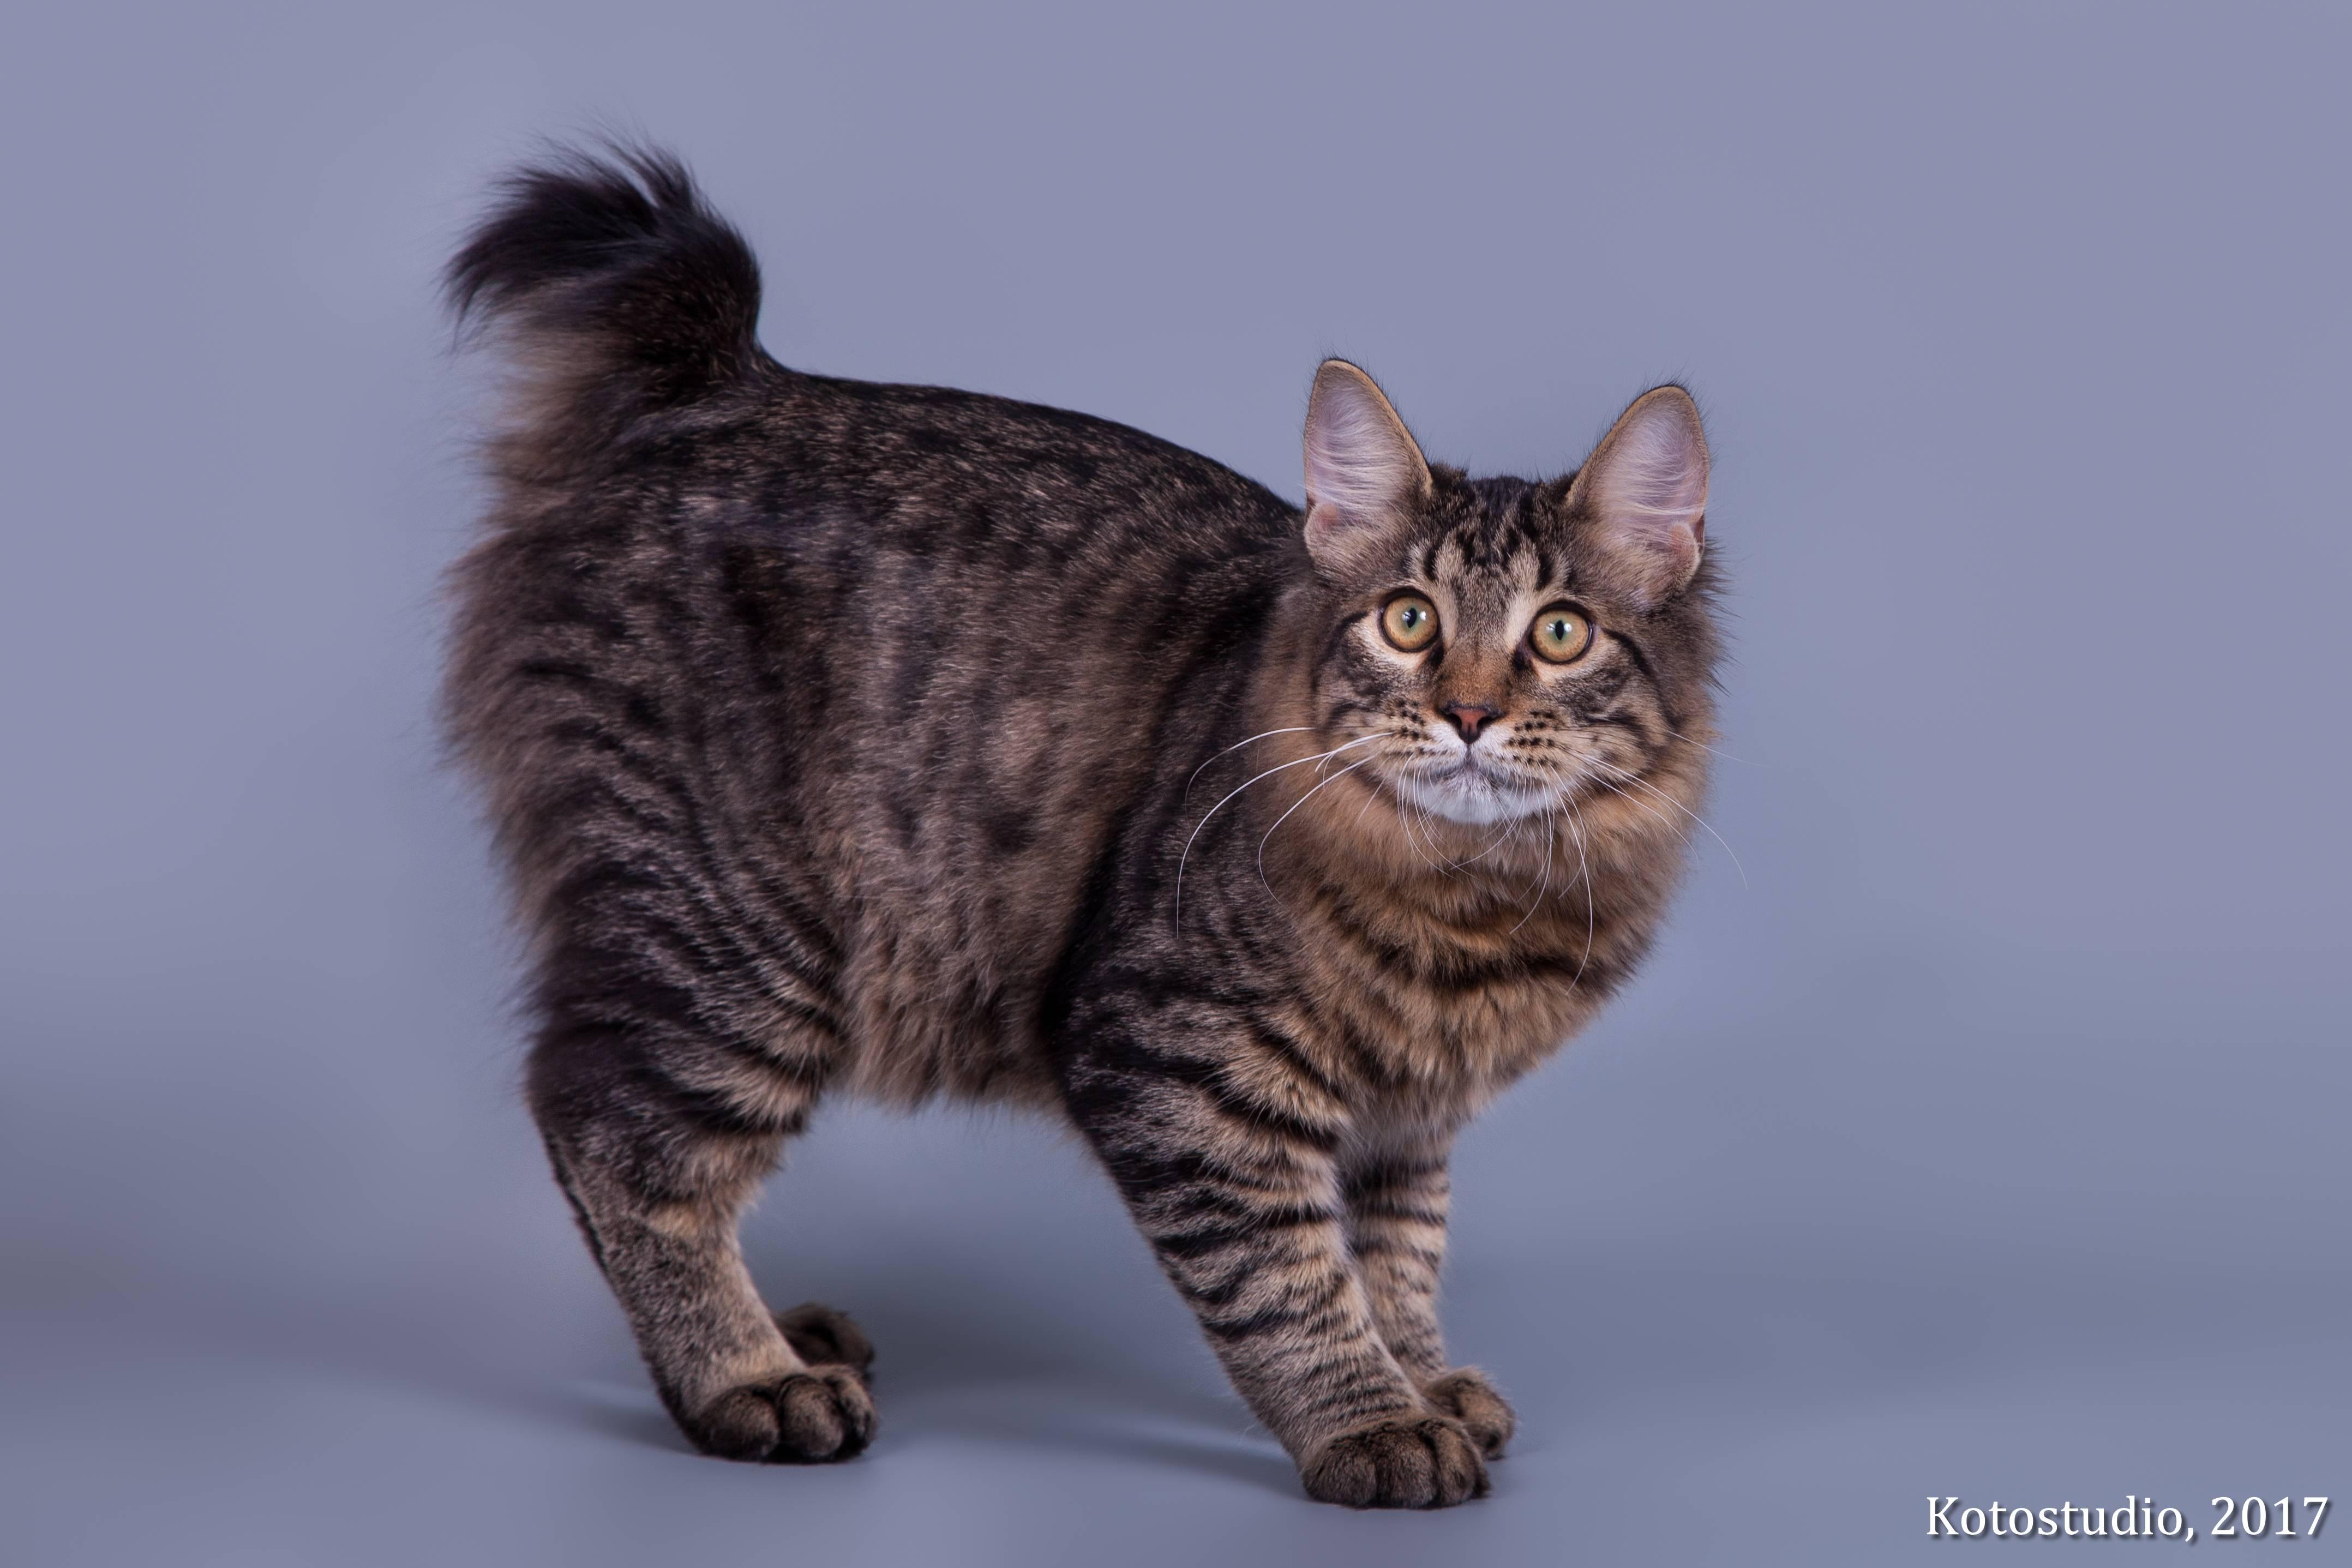 Меконгский бобтейл: описание породы кошек, характер, фото